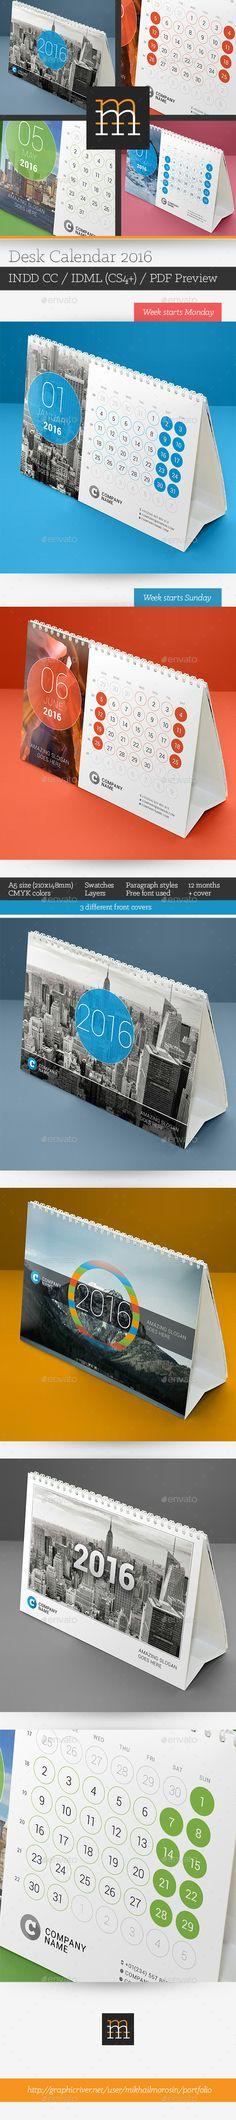 Desk Calendar 2016 Template InDesign INDD #design Download: http://graphicriver.net/item/desk-calendar-2016-/13542036?ref=ksioks